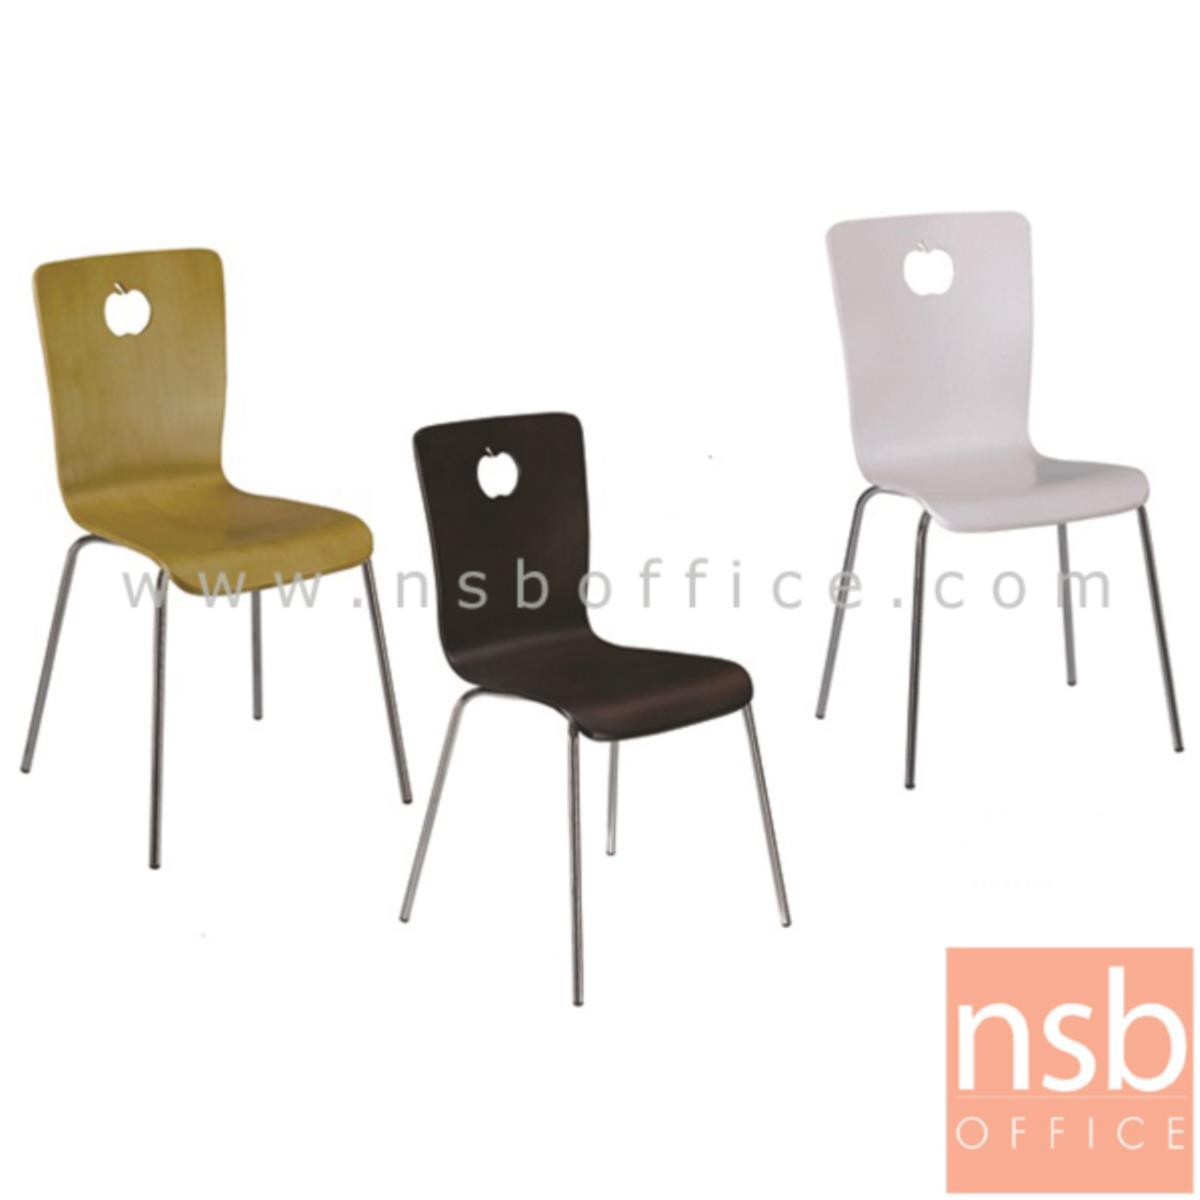 เก้าอี้อเนกประสงค์ไม้วีเนียร์ดัด รุ่น Lillard (ลิลลาร์ด)  ขาเหล็กชุบโครเมี่ยม